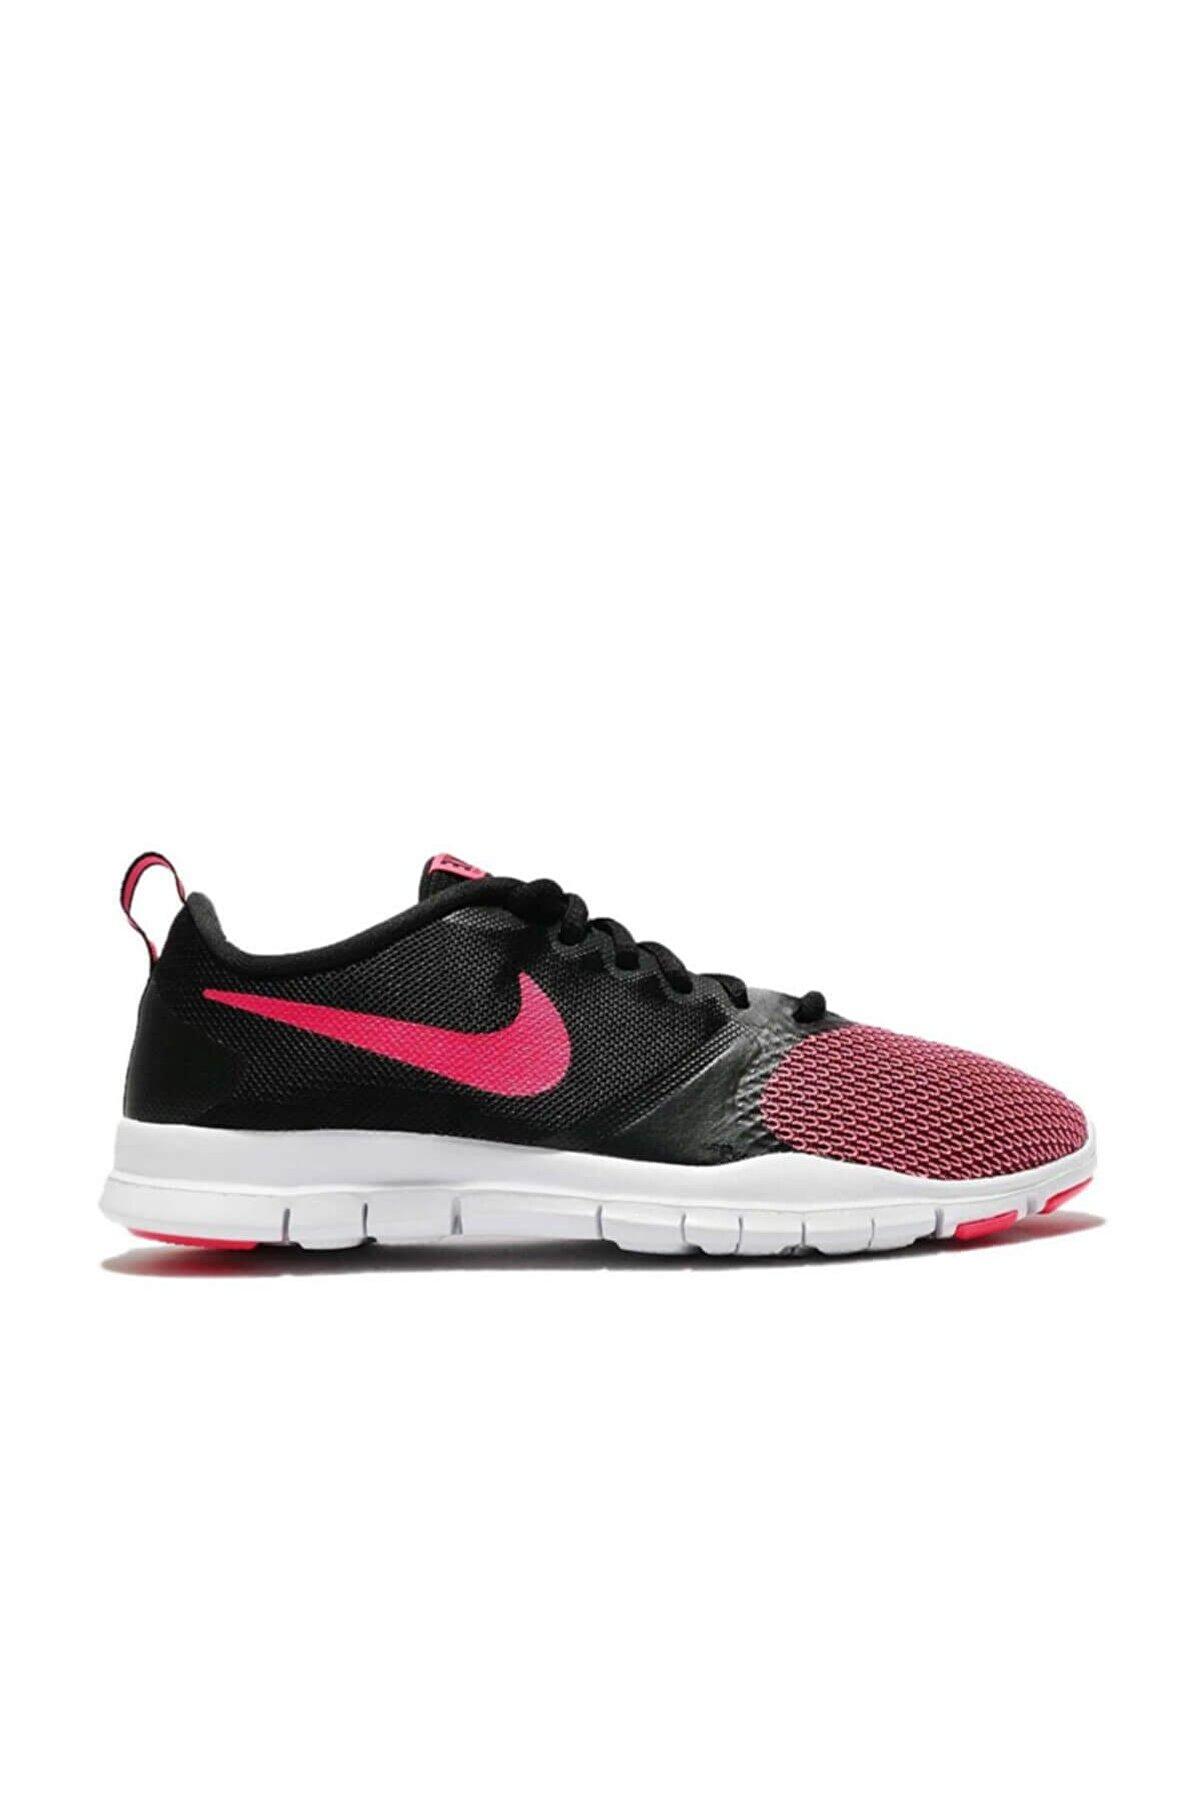 Nike Kadın Koşu & Antrenman Ayakkabısı -  Flex Essential Tr Antrenman Ayakkabısı - 924344-006